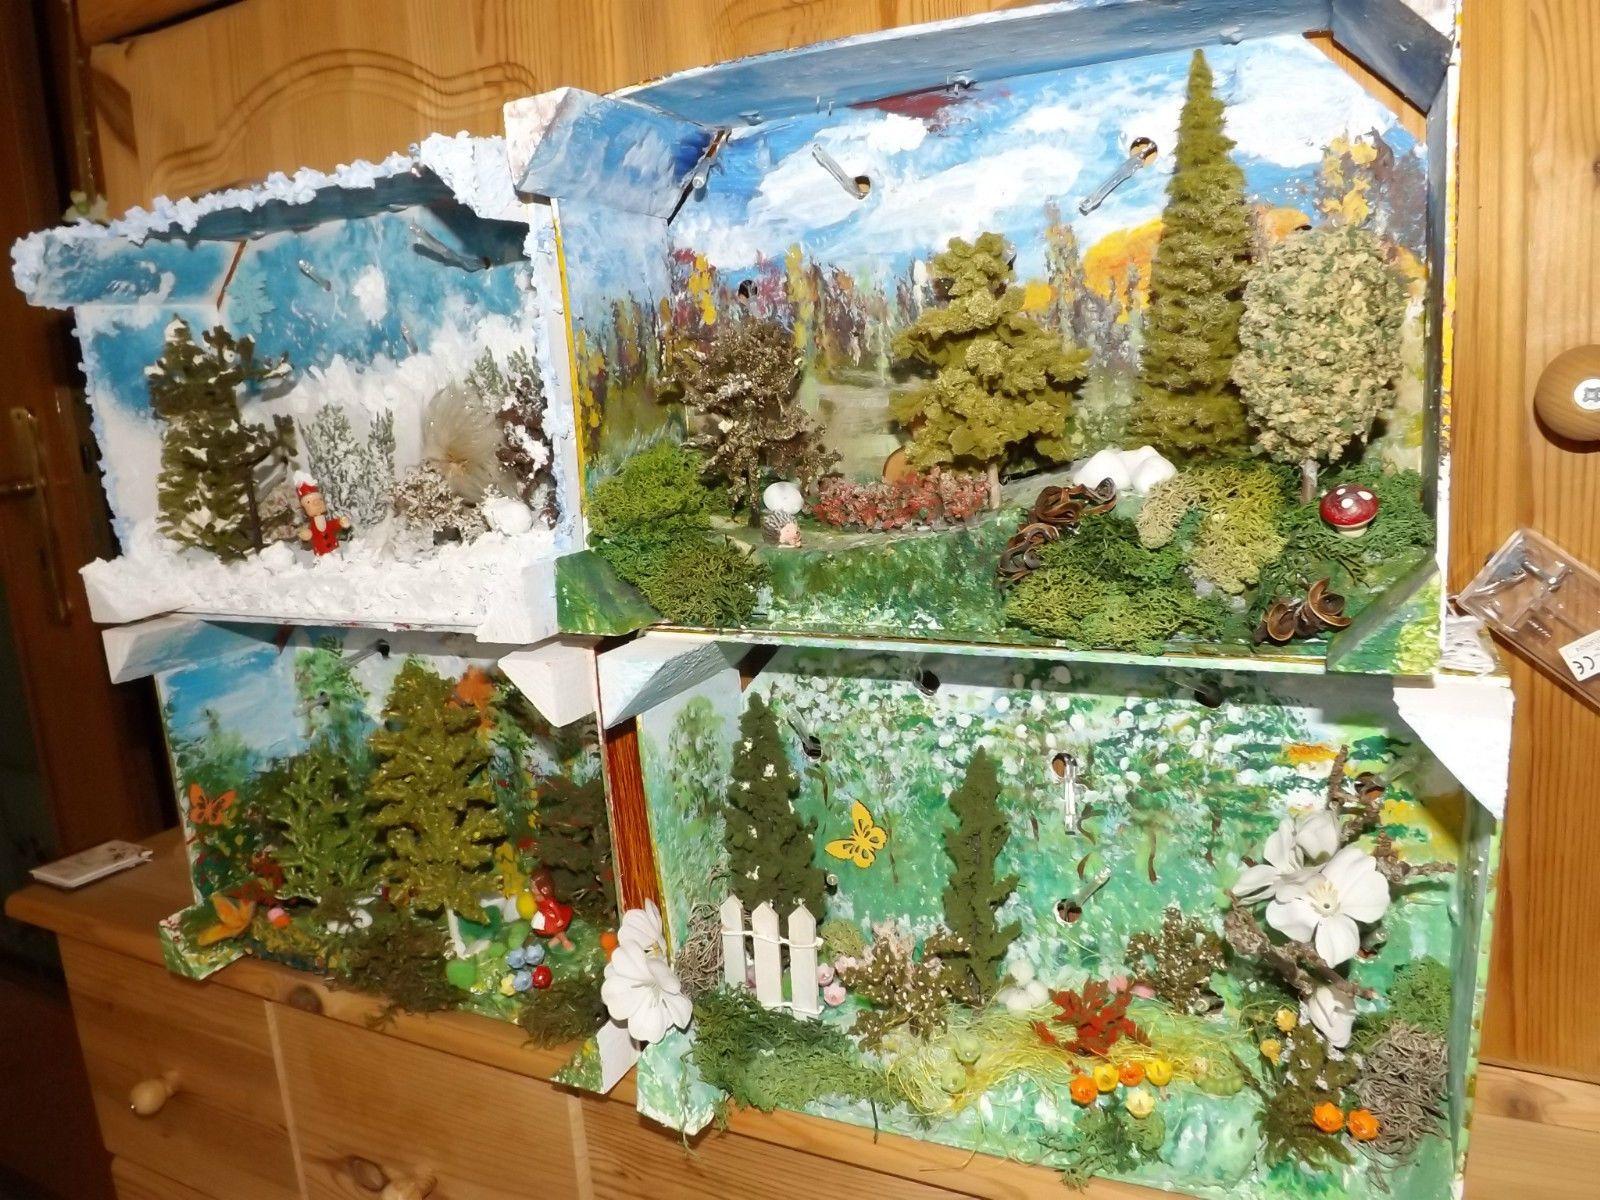 Wandbild Beleuchtet   Sommer Deko Regal Holz Geschenk Licht Baum Pilz  Blumen | EBay